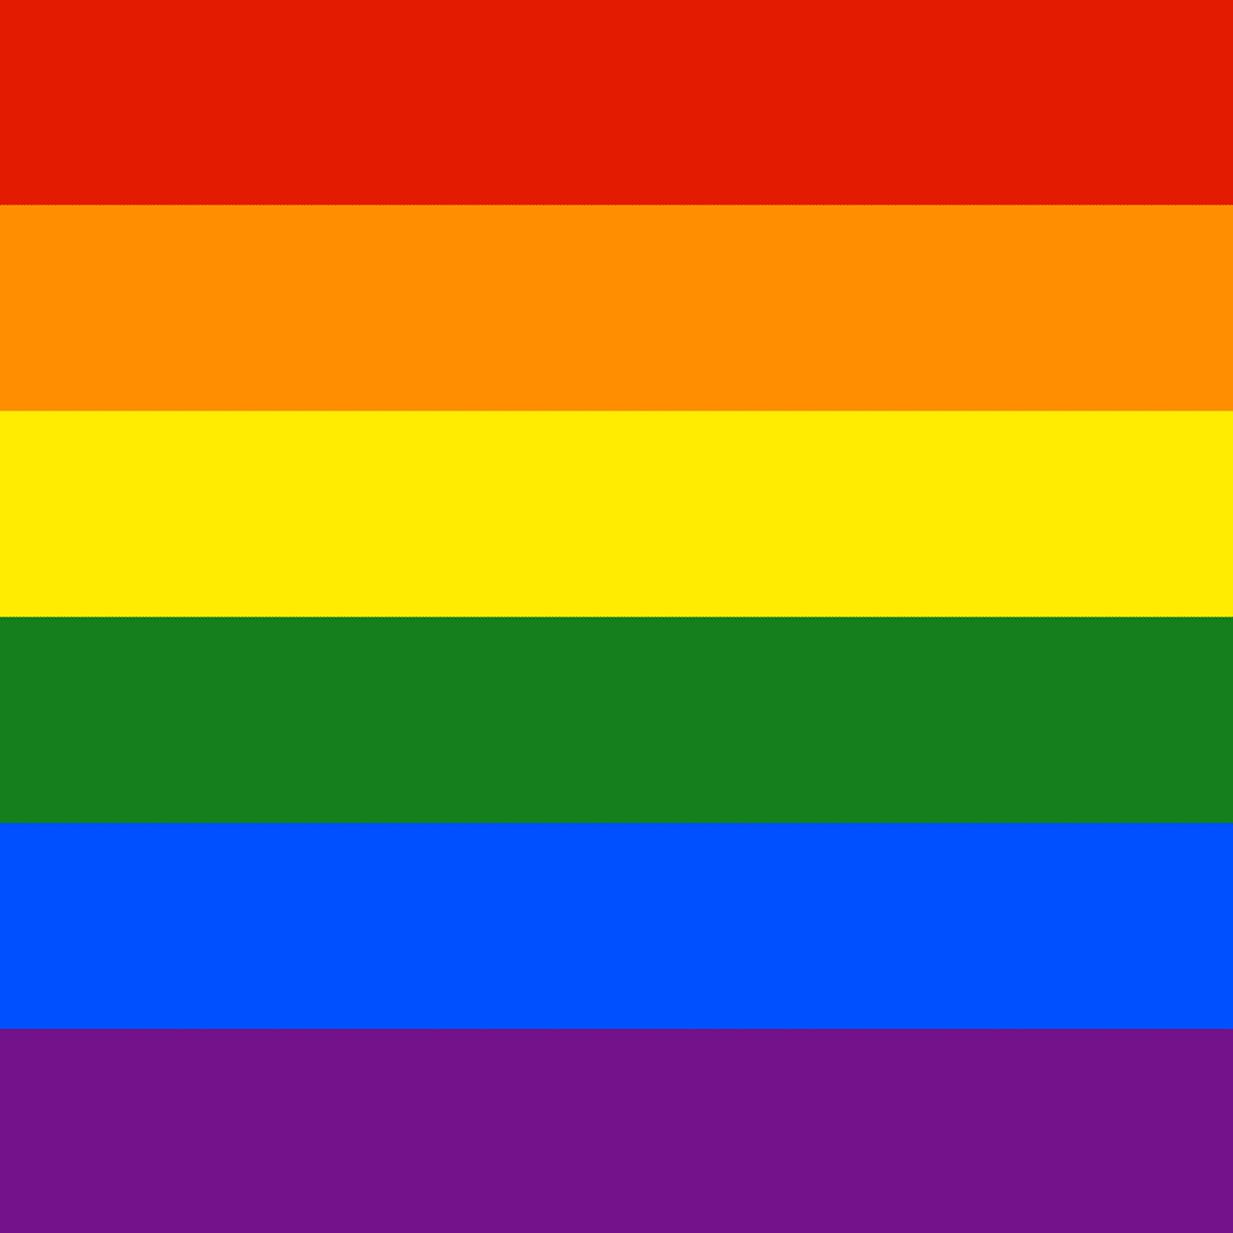 Asexual pride facebook filter